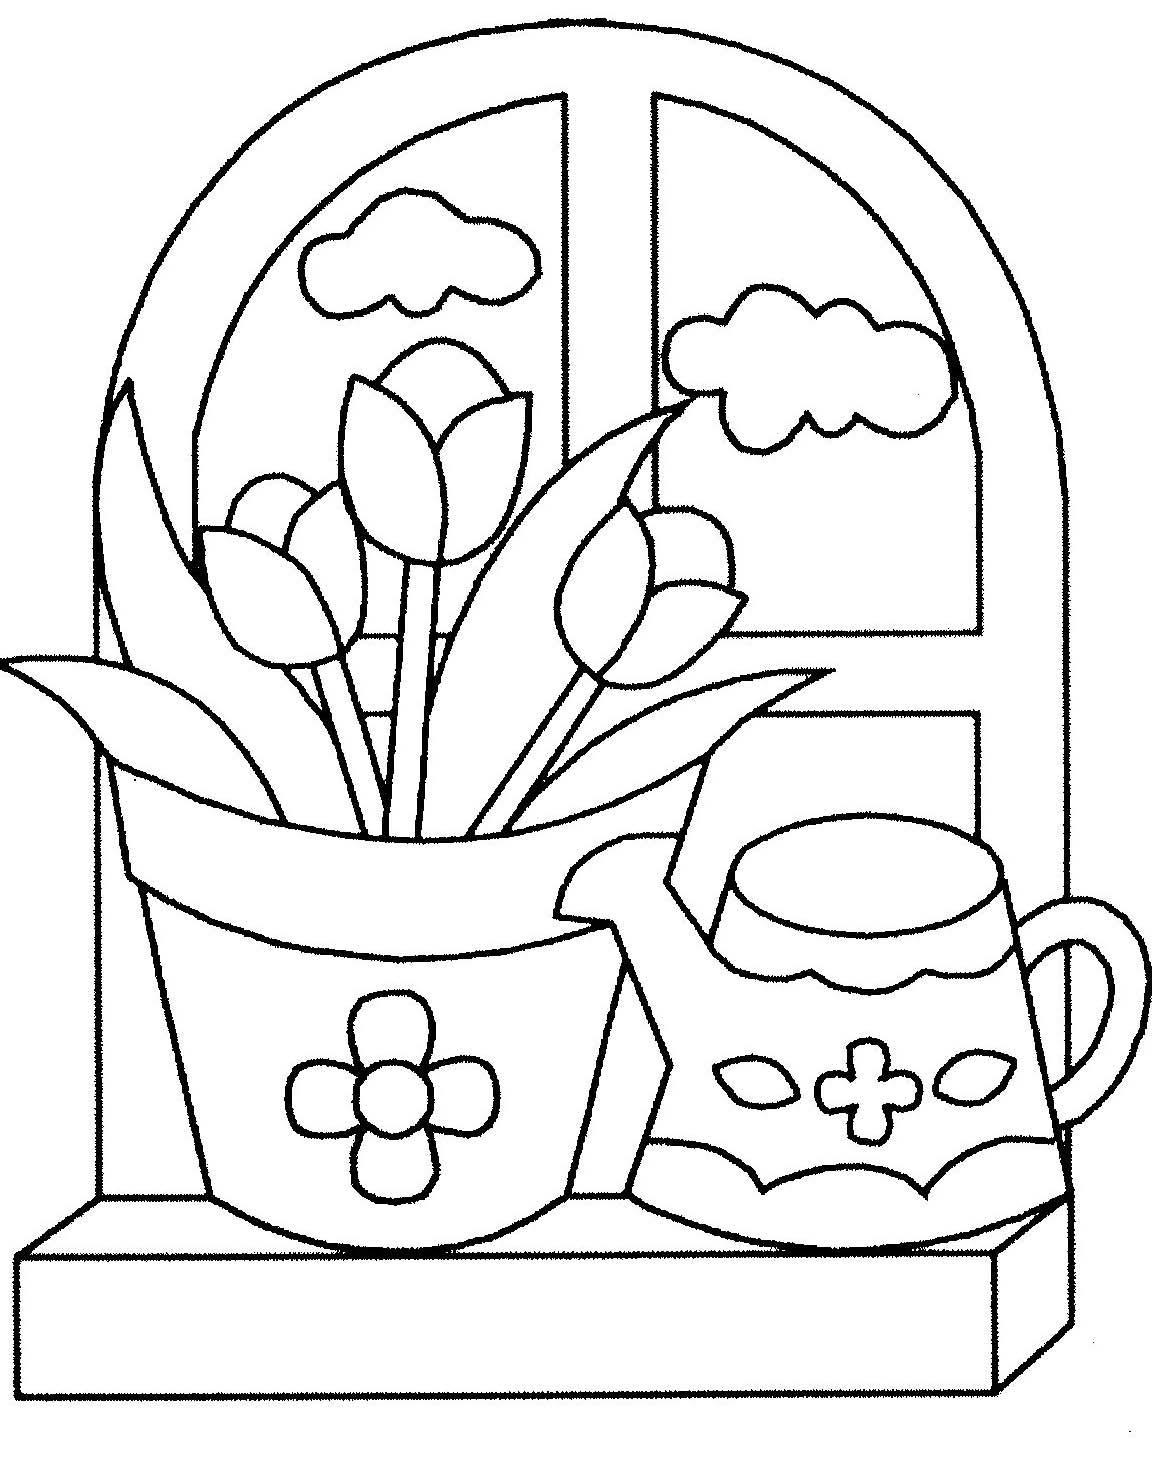 Coloriages fleurs - Coloriage de fleur ...